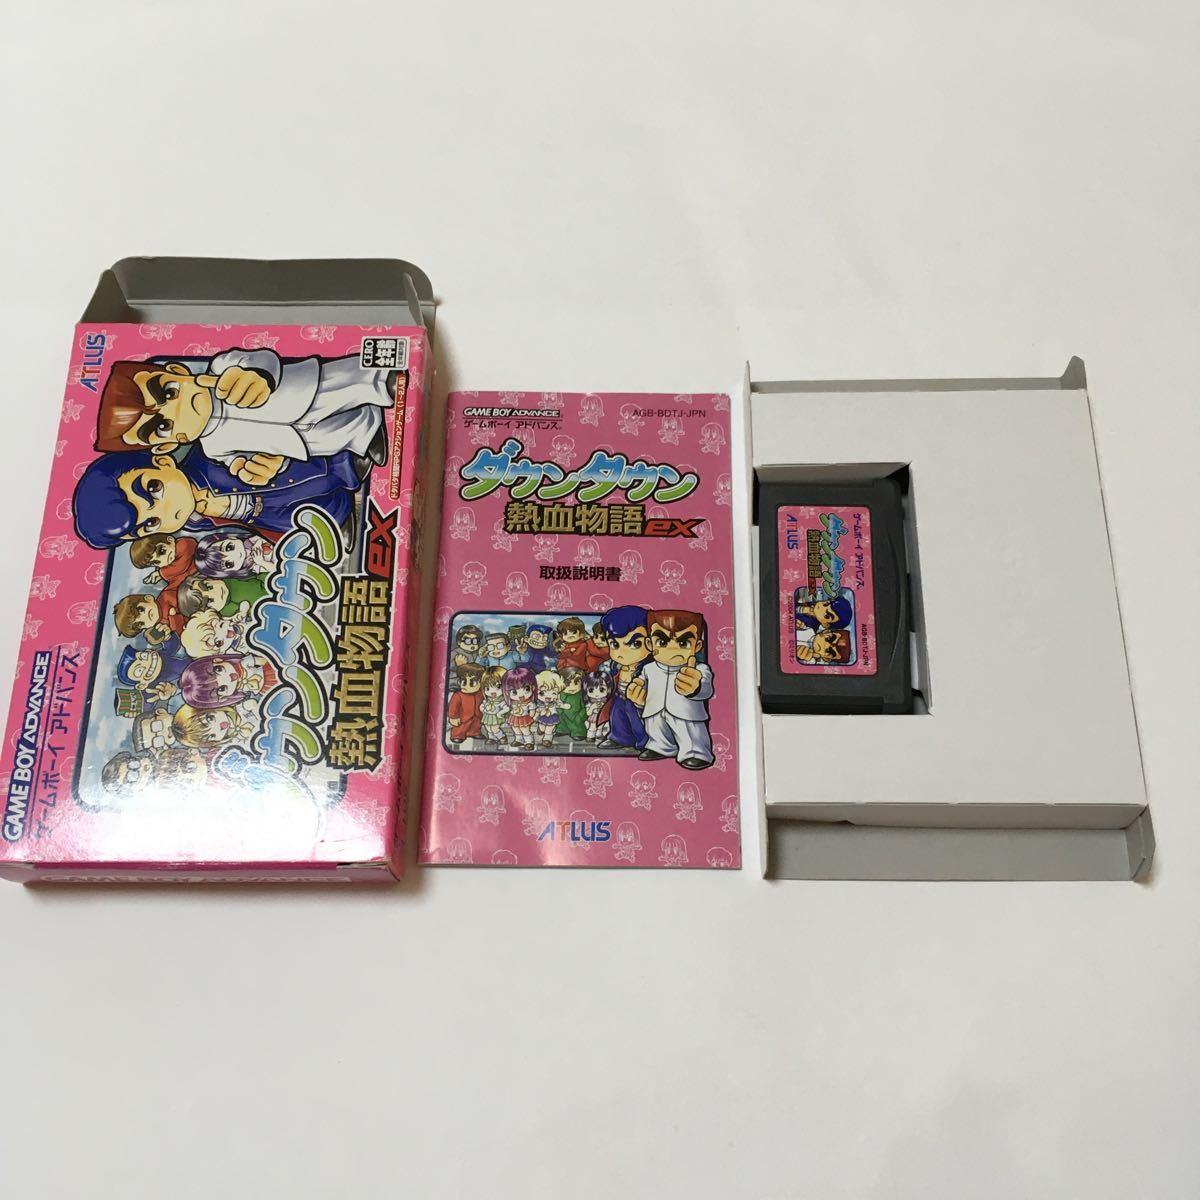 ゲームボーイアドバンス ソフト ダウンタウン熱血物語ex 任天堂 GBA 任天堂 レトロ 箱説付き カセット